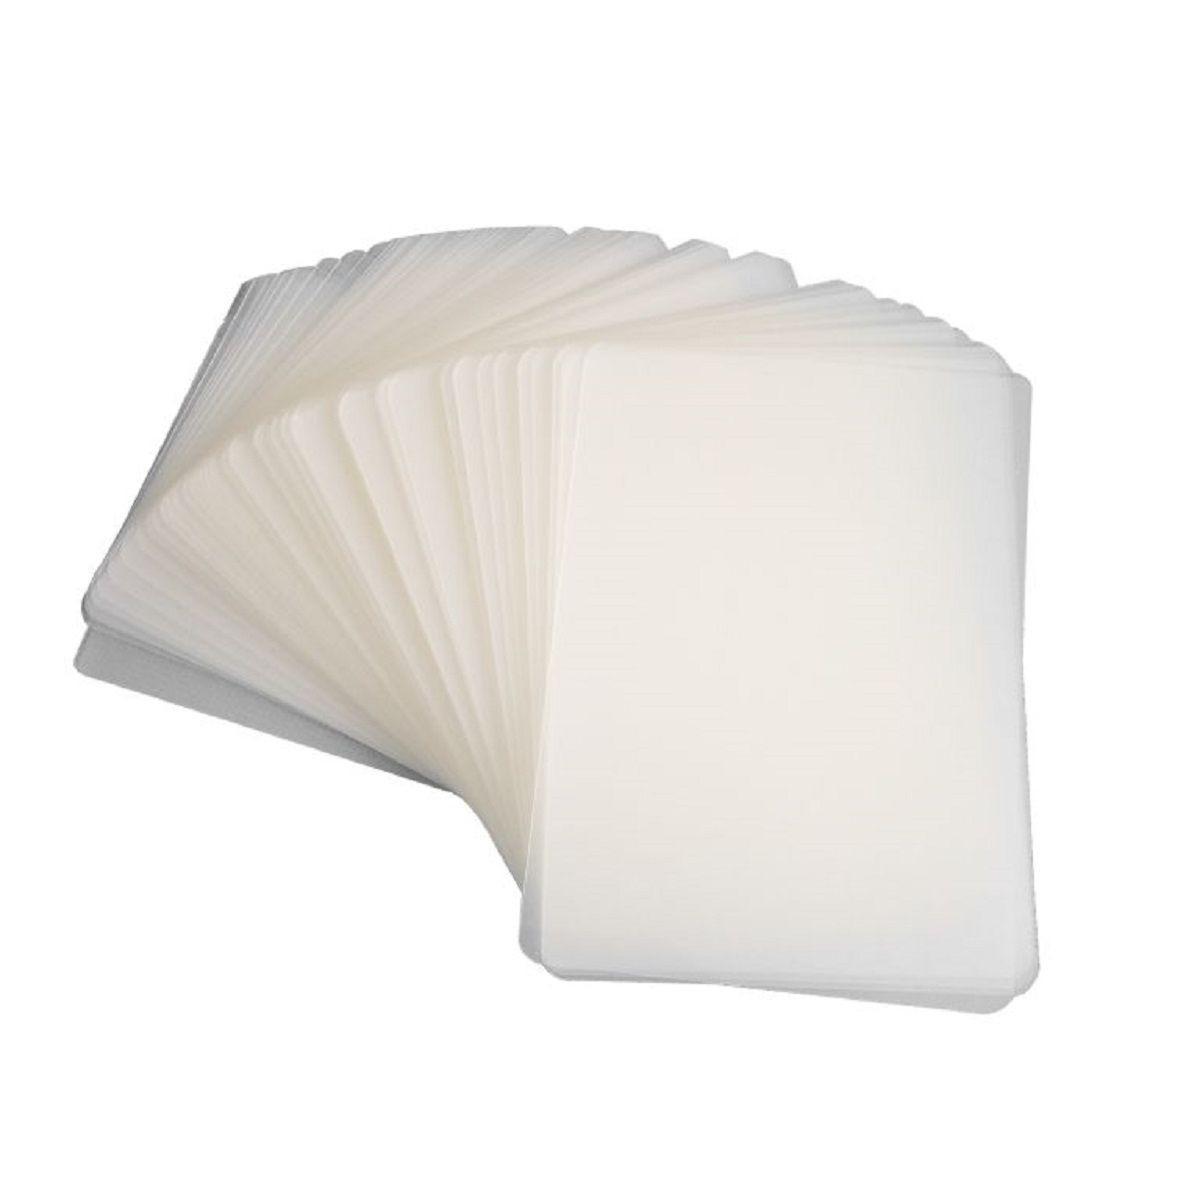 Polaseal para Plastificação RG 80x110x0,10mm (250 micras) - Pacote com 100 unidades  - Click Suprimentos